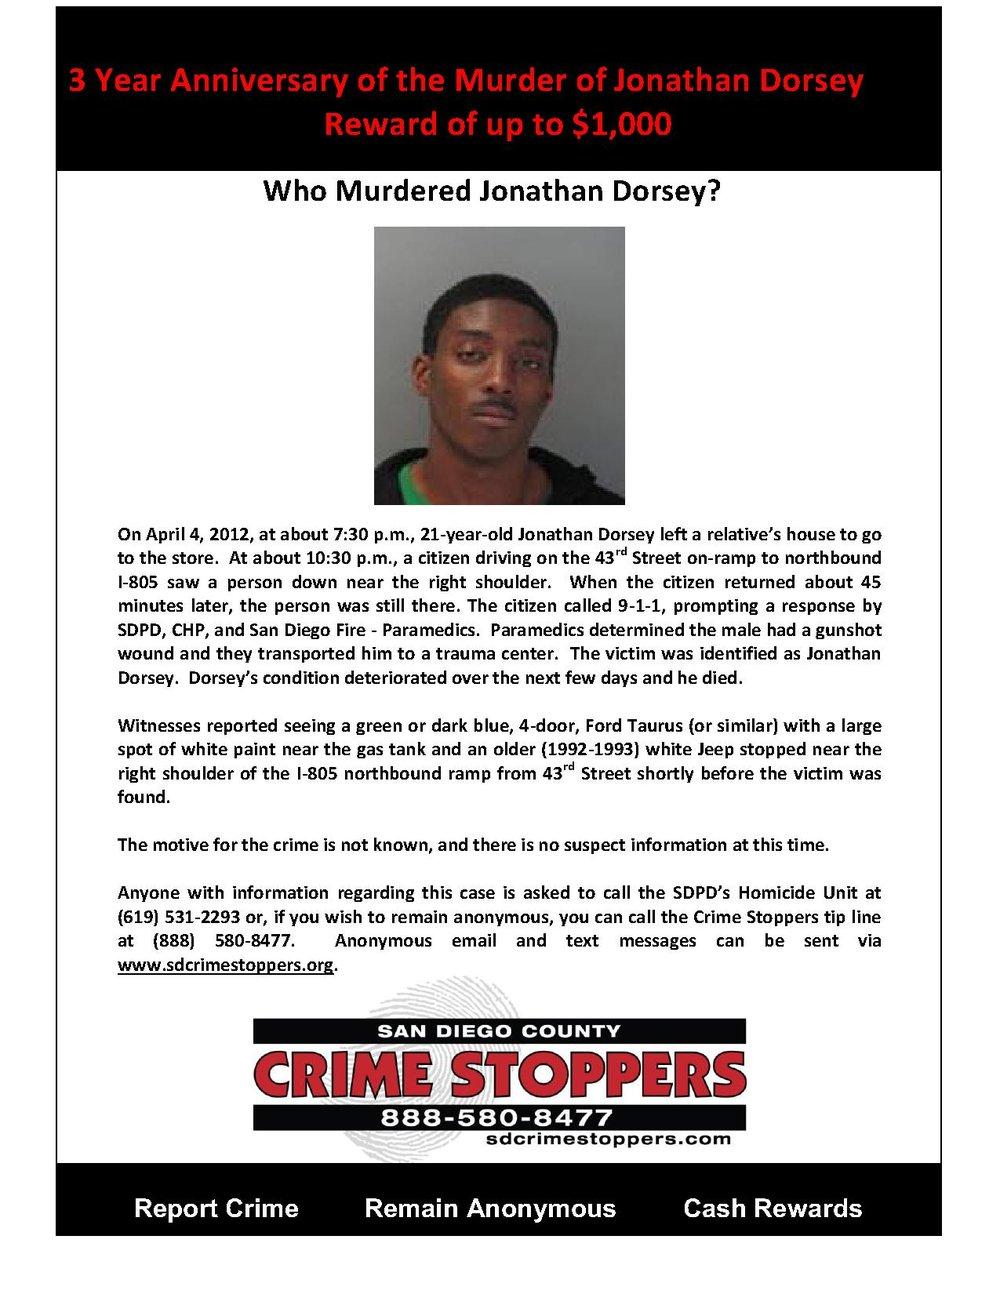 3 Year Anniversary of Jonathan Dorsey Murder